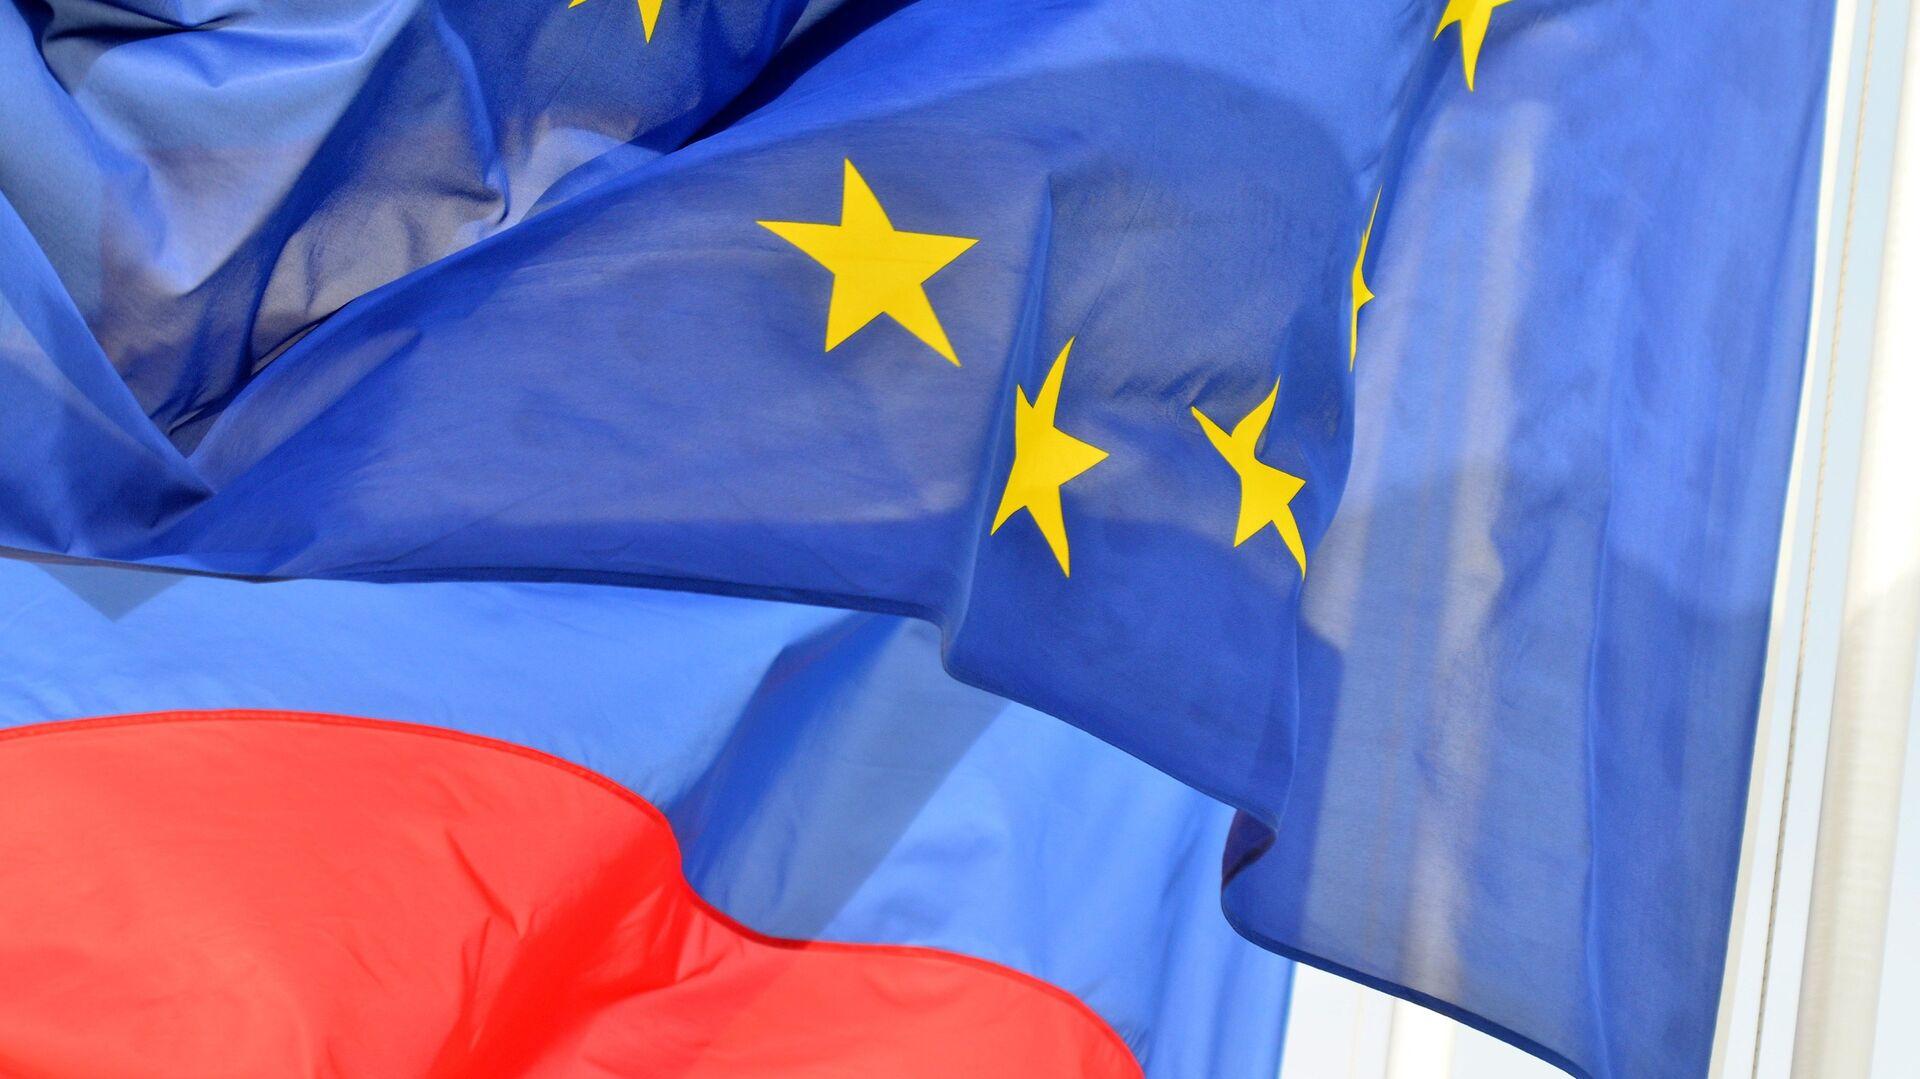 Banderas de Rusia y la UE - Sputnik Mundo, 1920, 13.10.2021